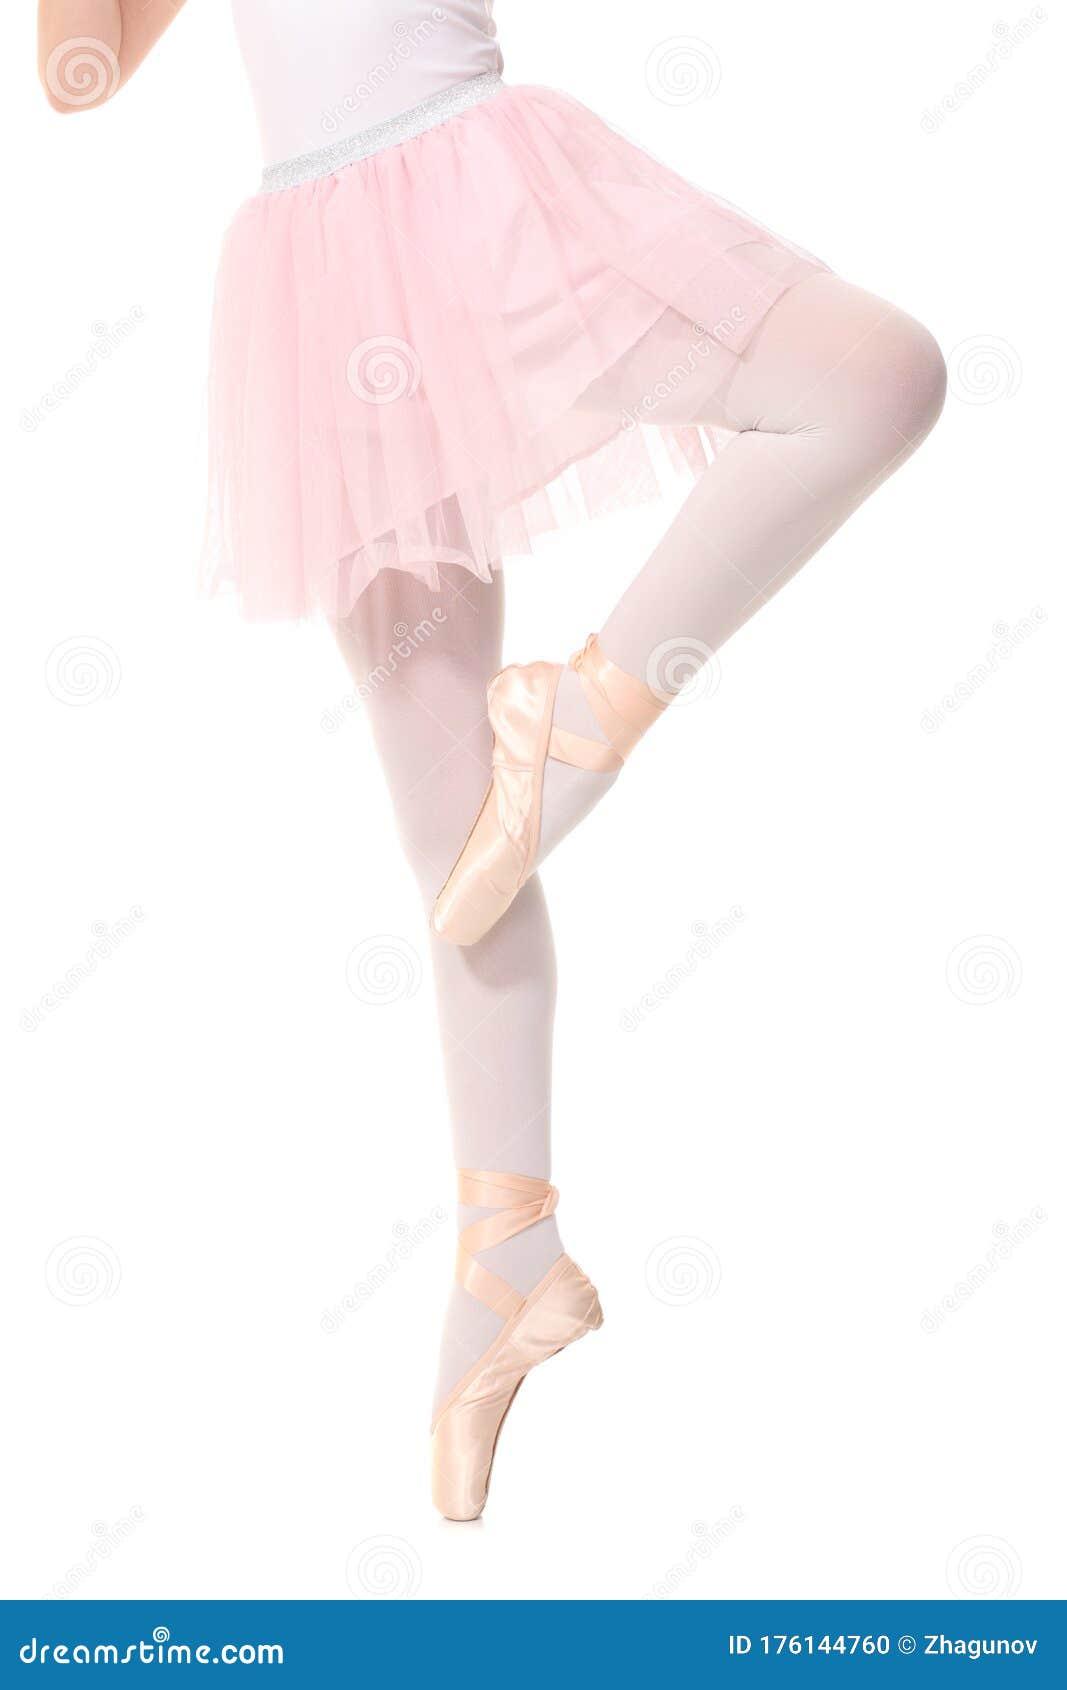 Innocent Teen Images, Stock Photos & Vectors   Shutterstock